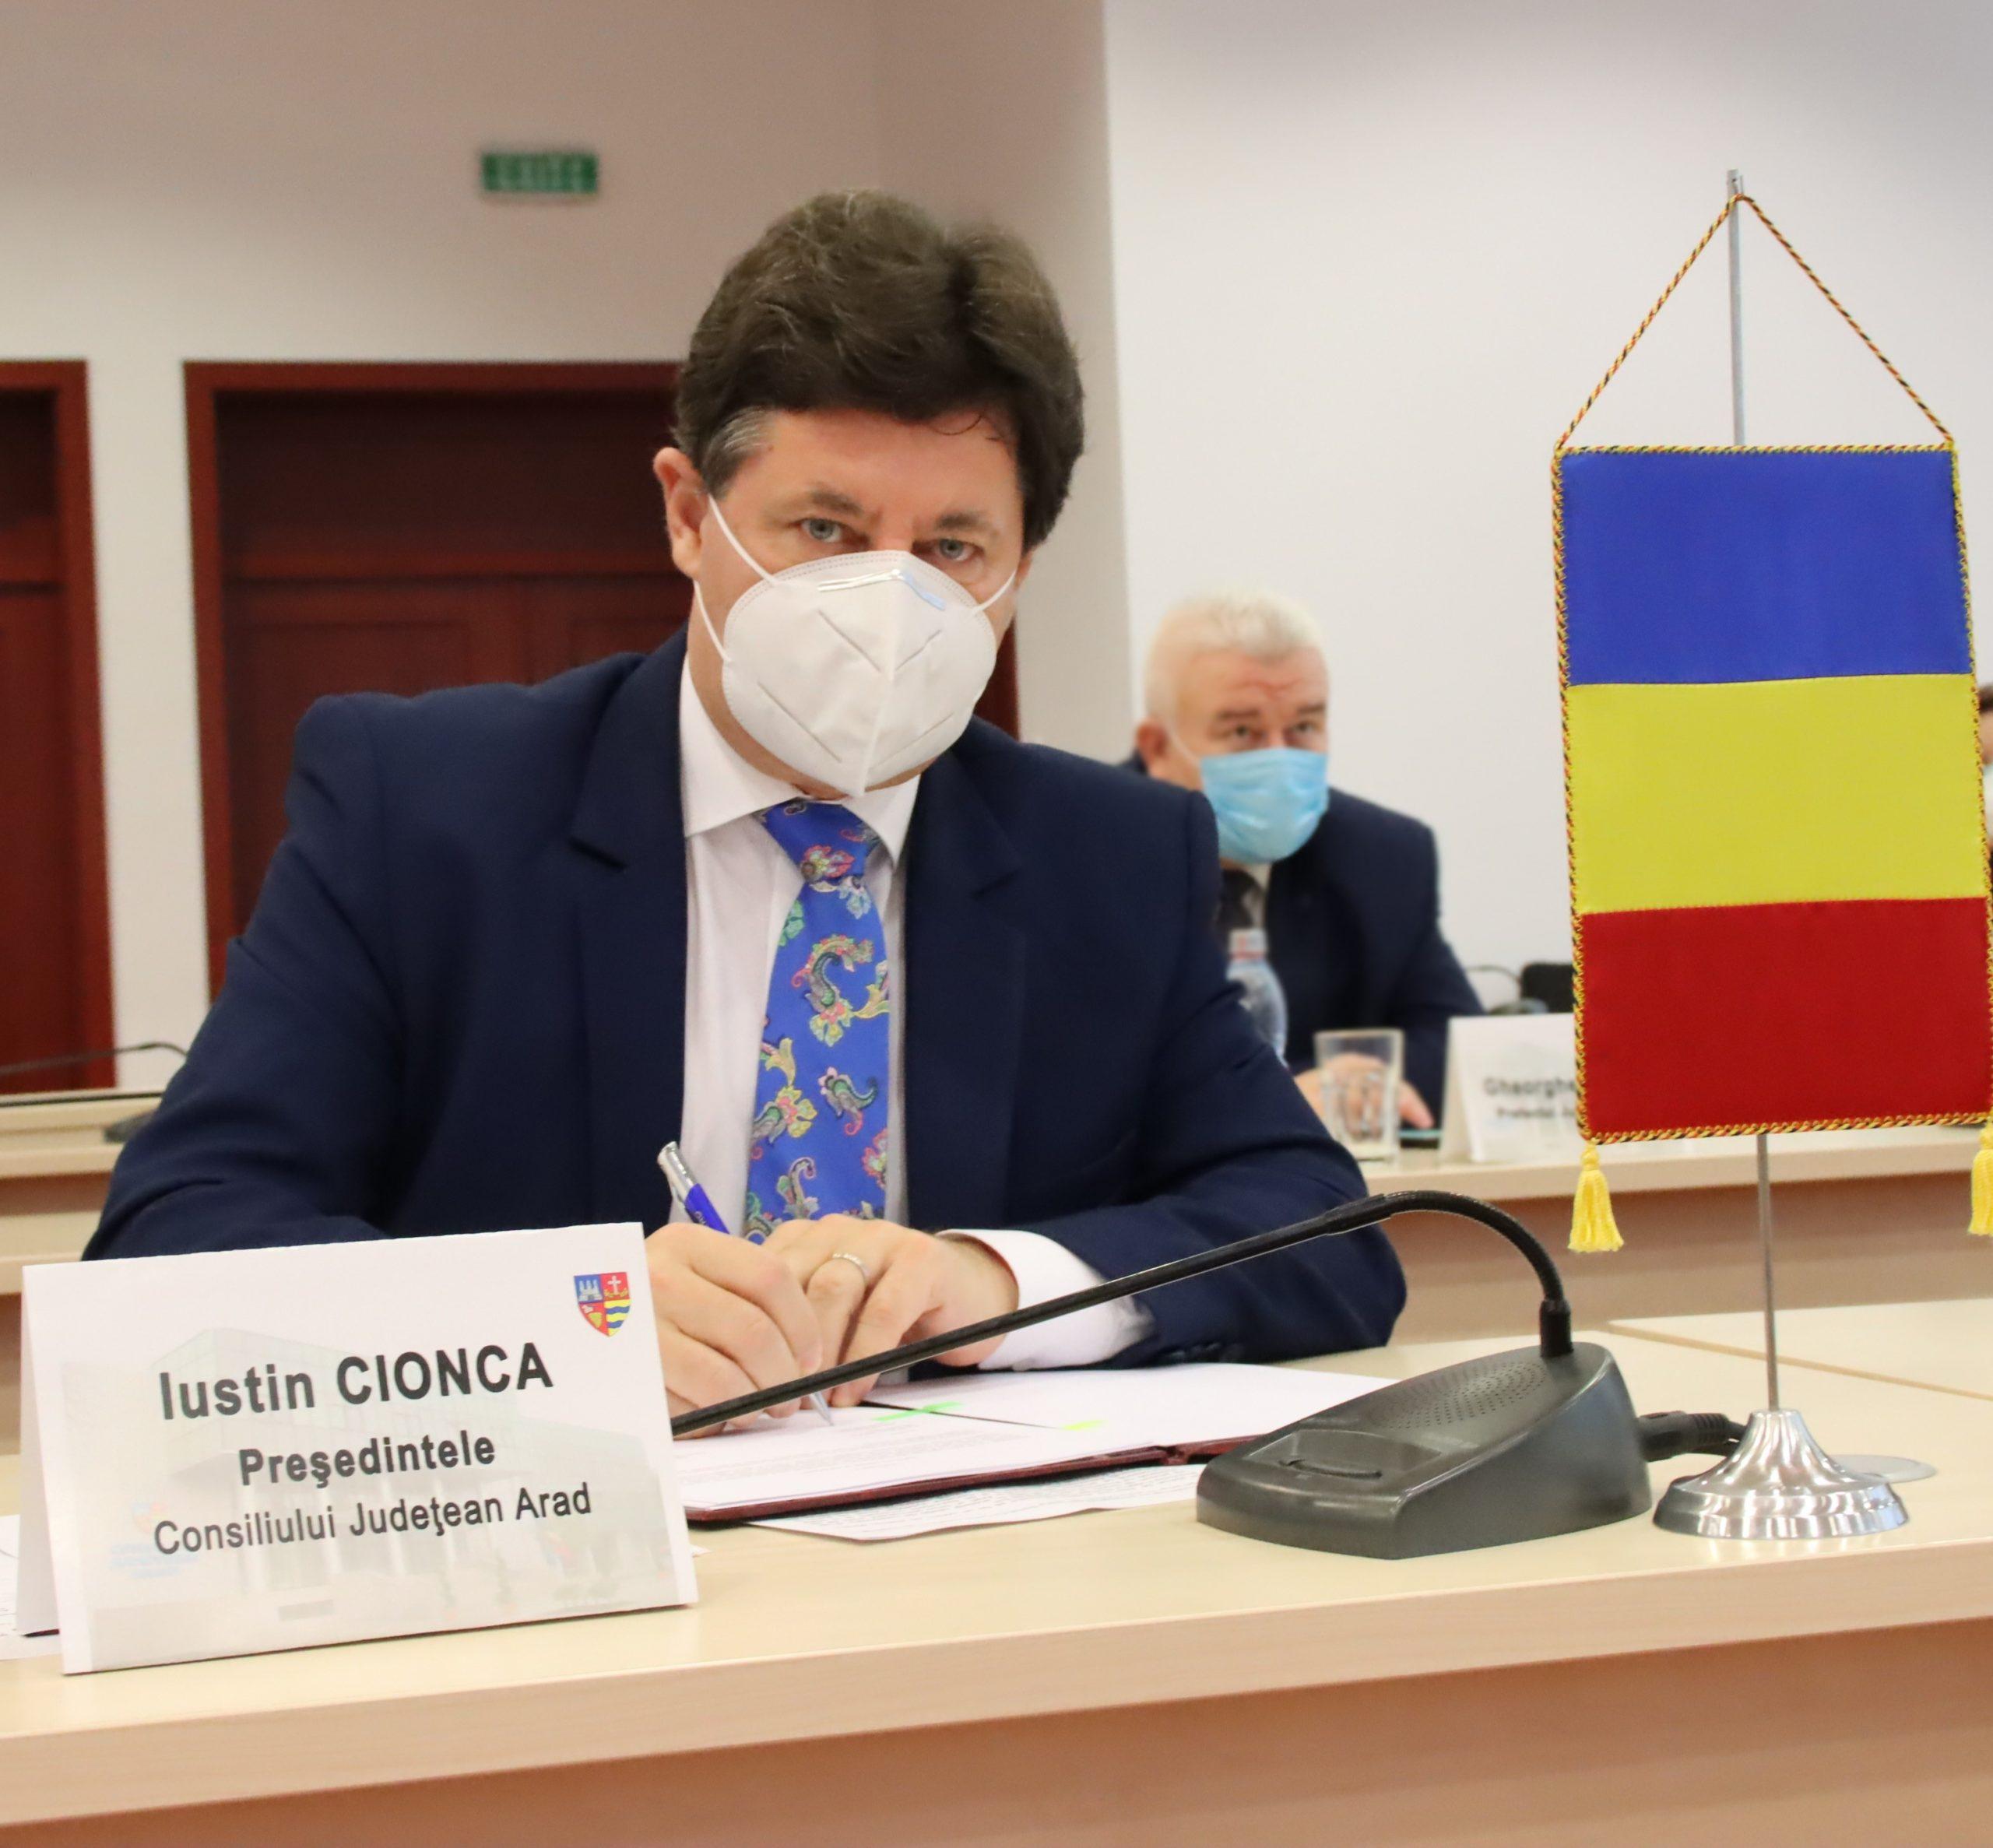 Preşedintele CJ Arad, despre birocraţie: Pentru a cumpăra o ştampilă e nevoie de trei oferte, şapte semnături şi multe hârtii